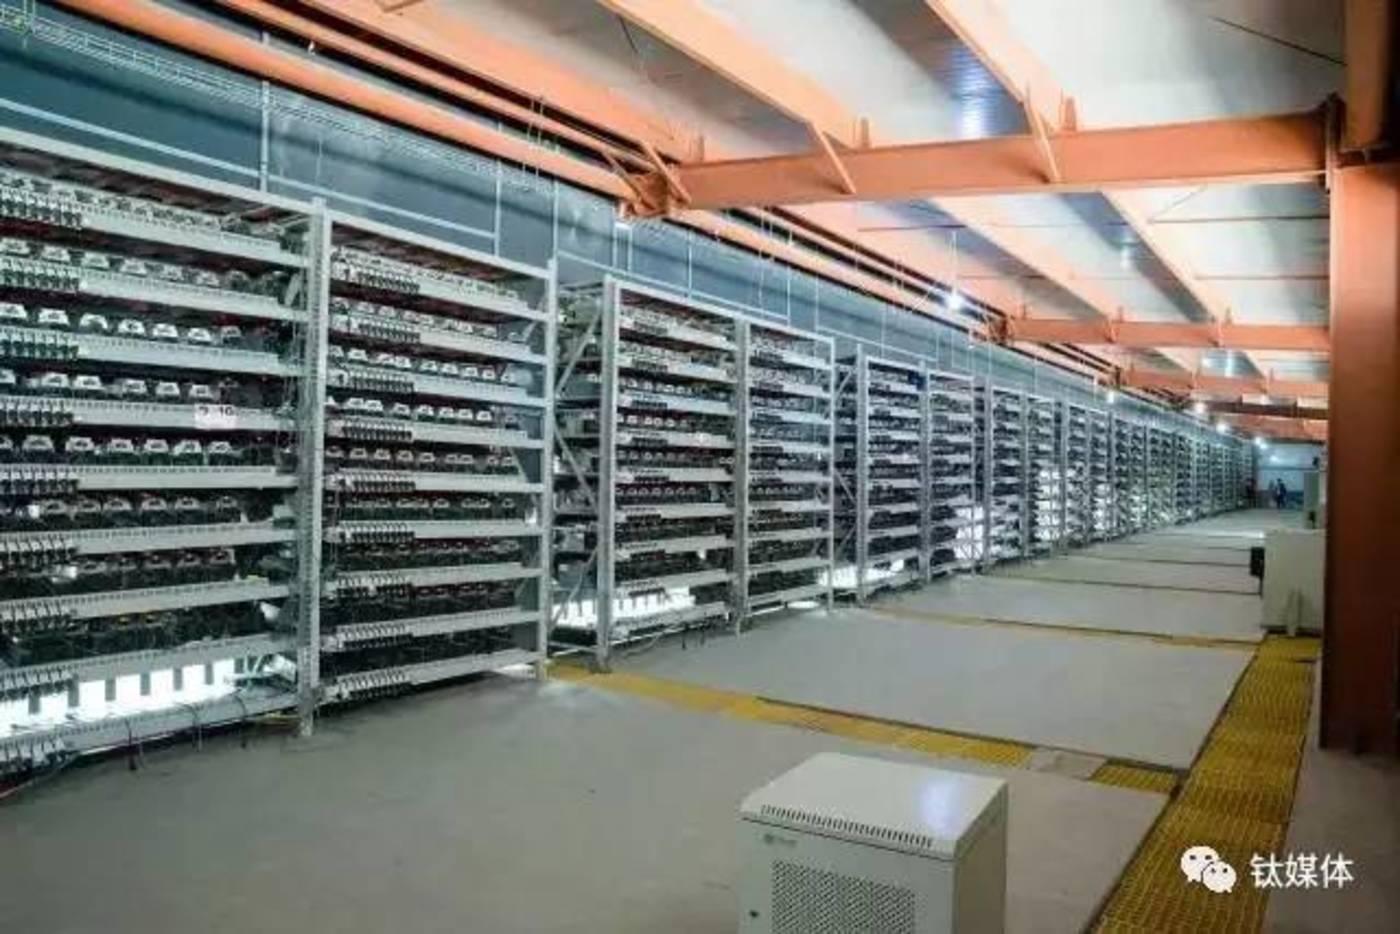 """鄂尔多斯的一间""""仓库""""中,架子上放满了莱特币挖矿机器"""